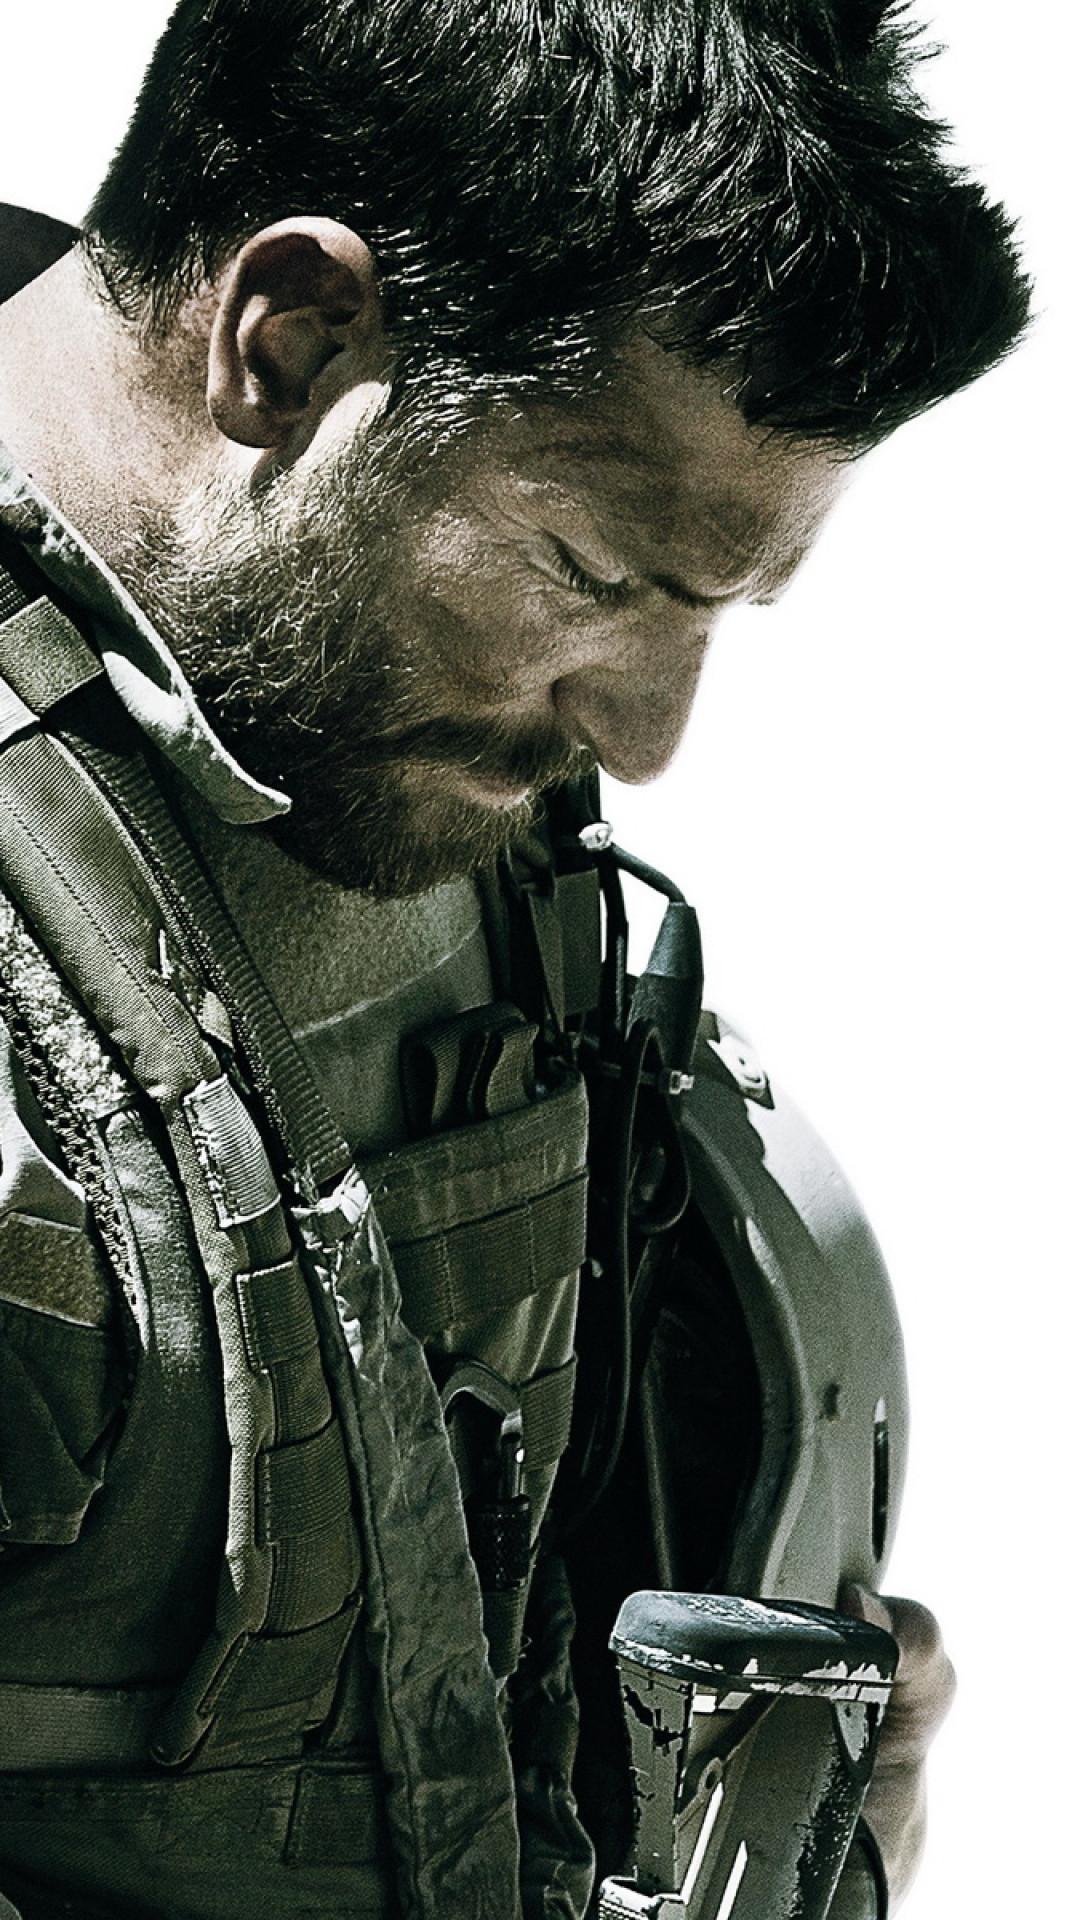 American sniper wallpapers wallpapertag - Kyle wallpaper ...